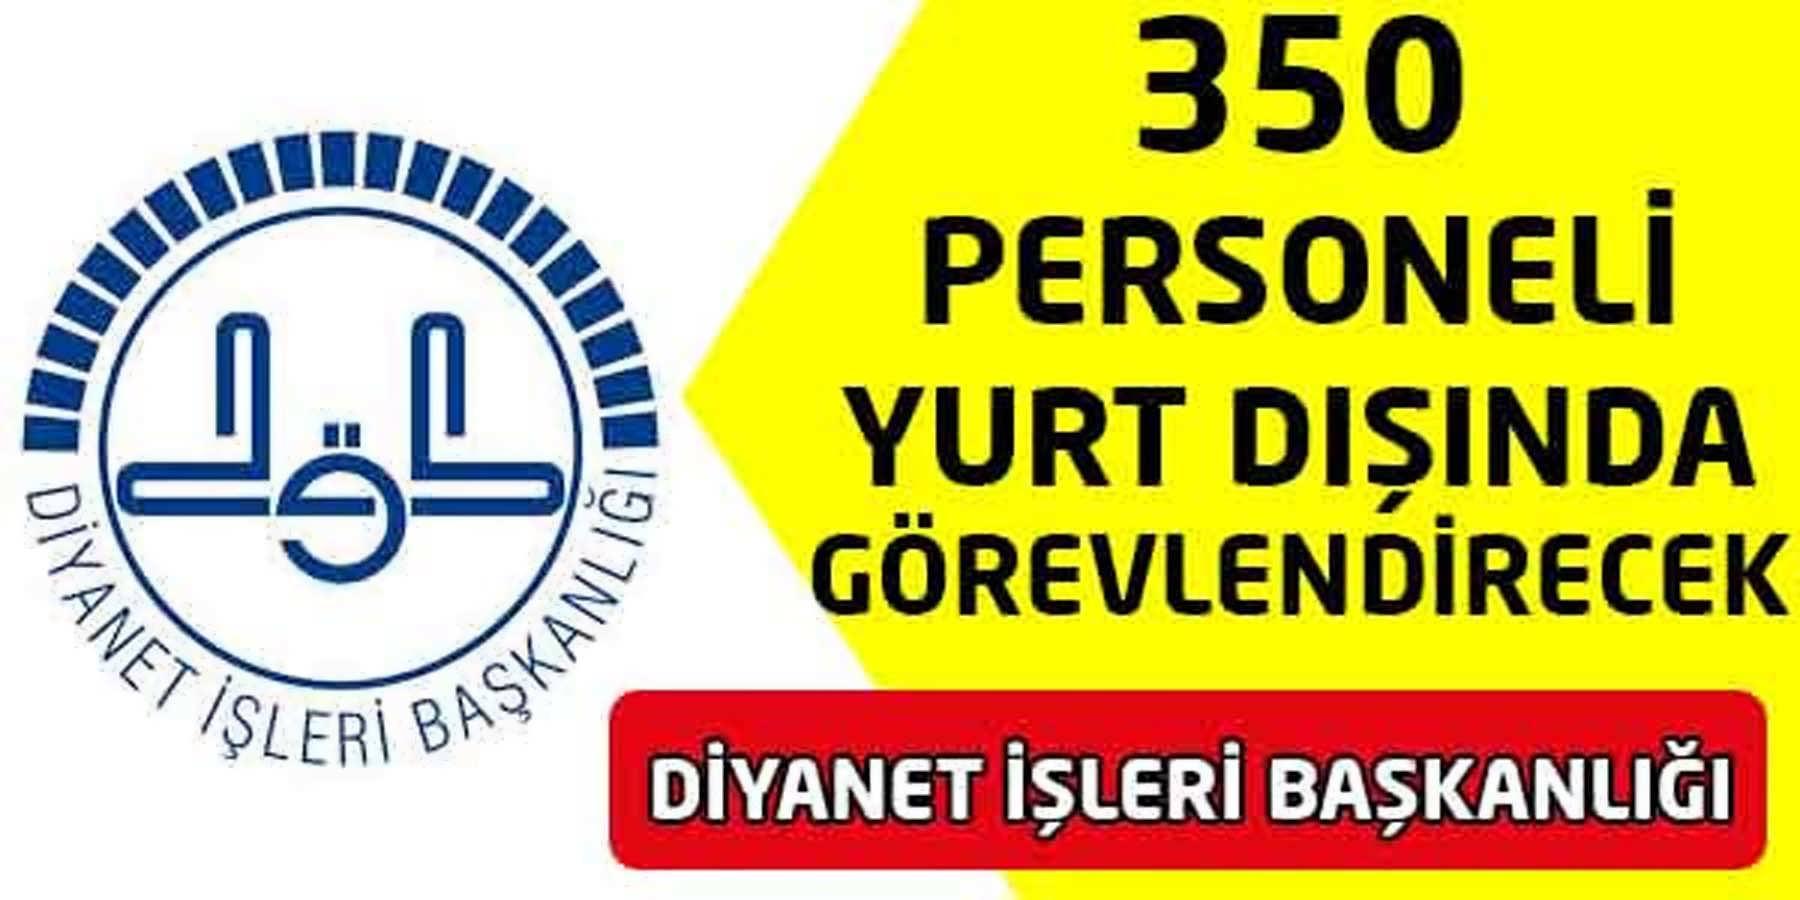 Diyanet İşleri Başkanlığı 350 Personelini Yurtdışında Görevlendirecek